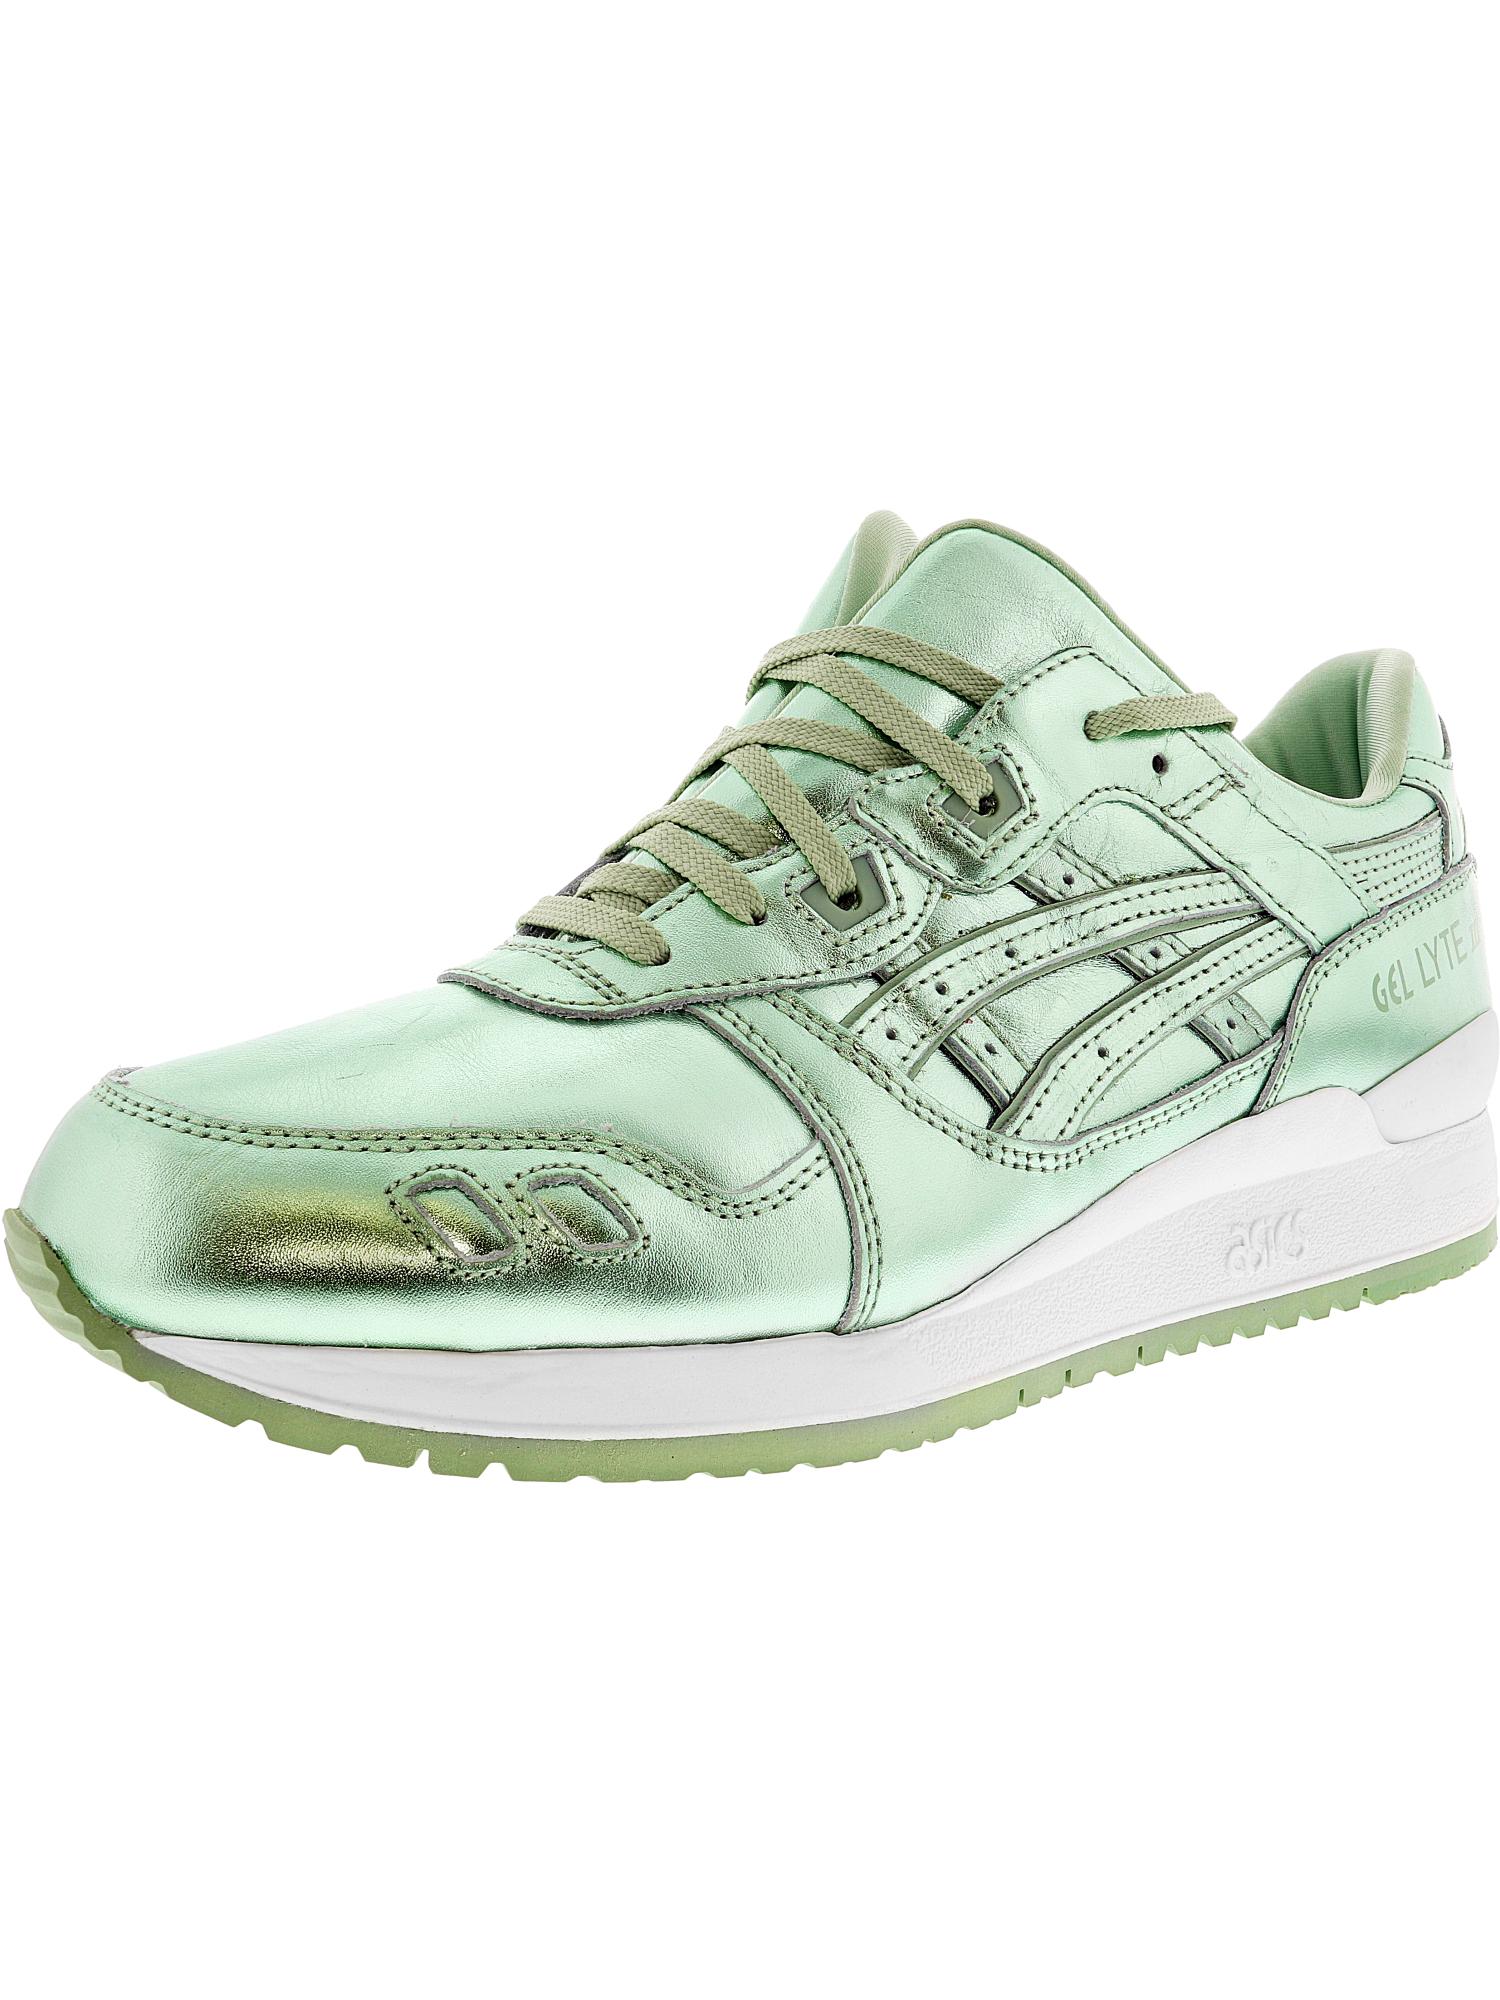 4d430ebd624 Asics Women s Gel-Lyte Iii Ankle-High Fashion Sneaker